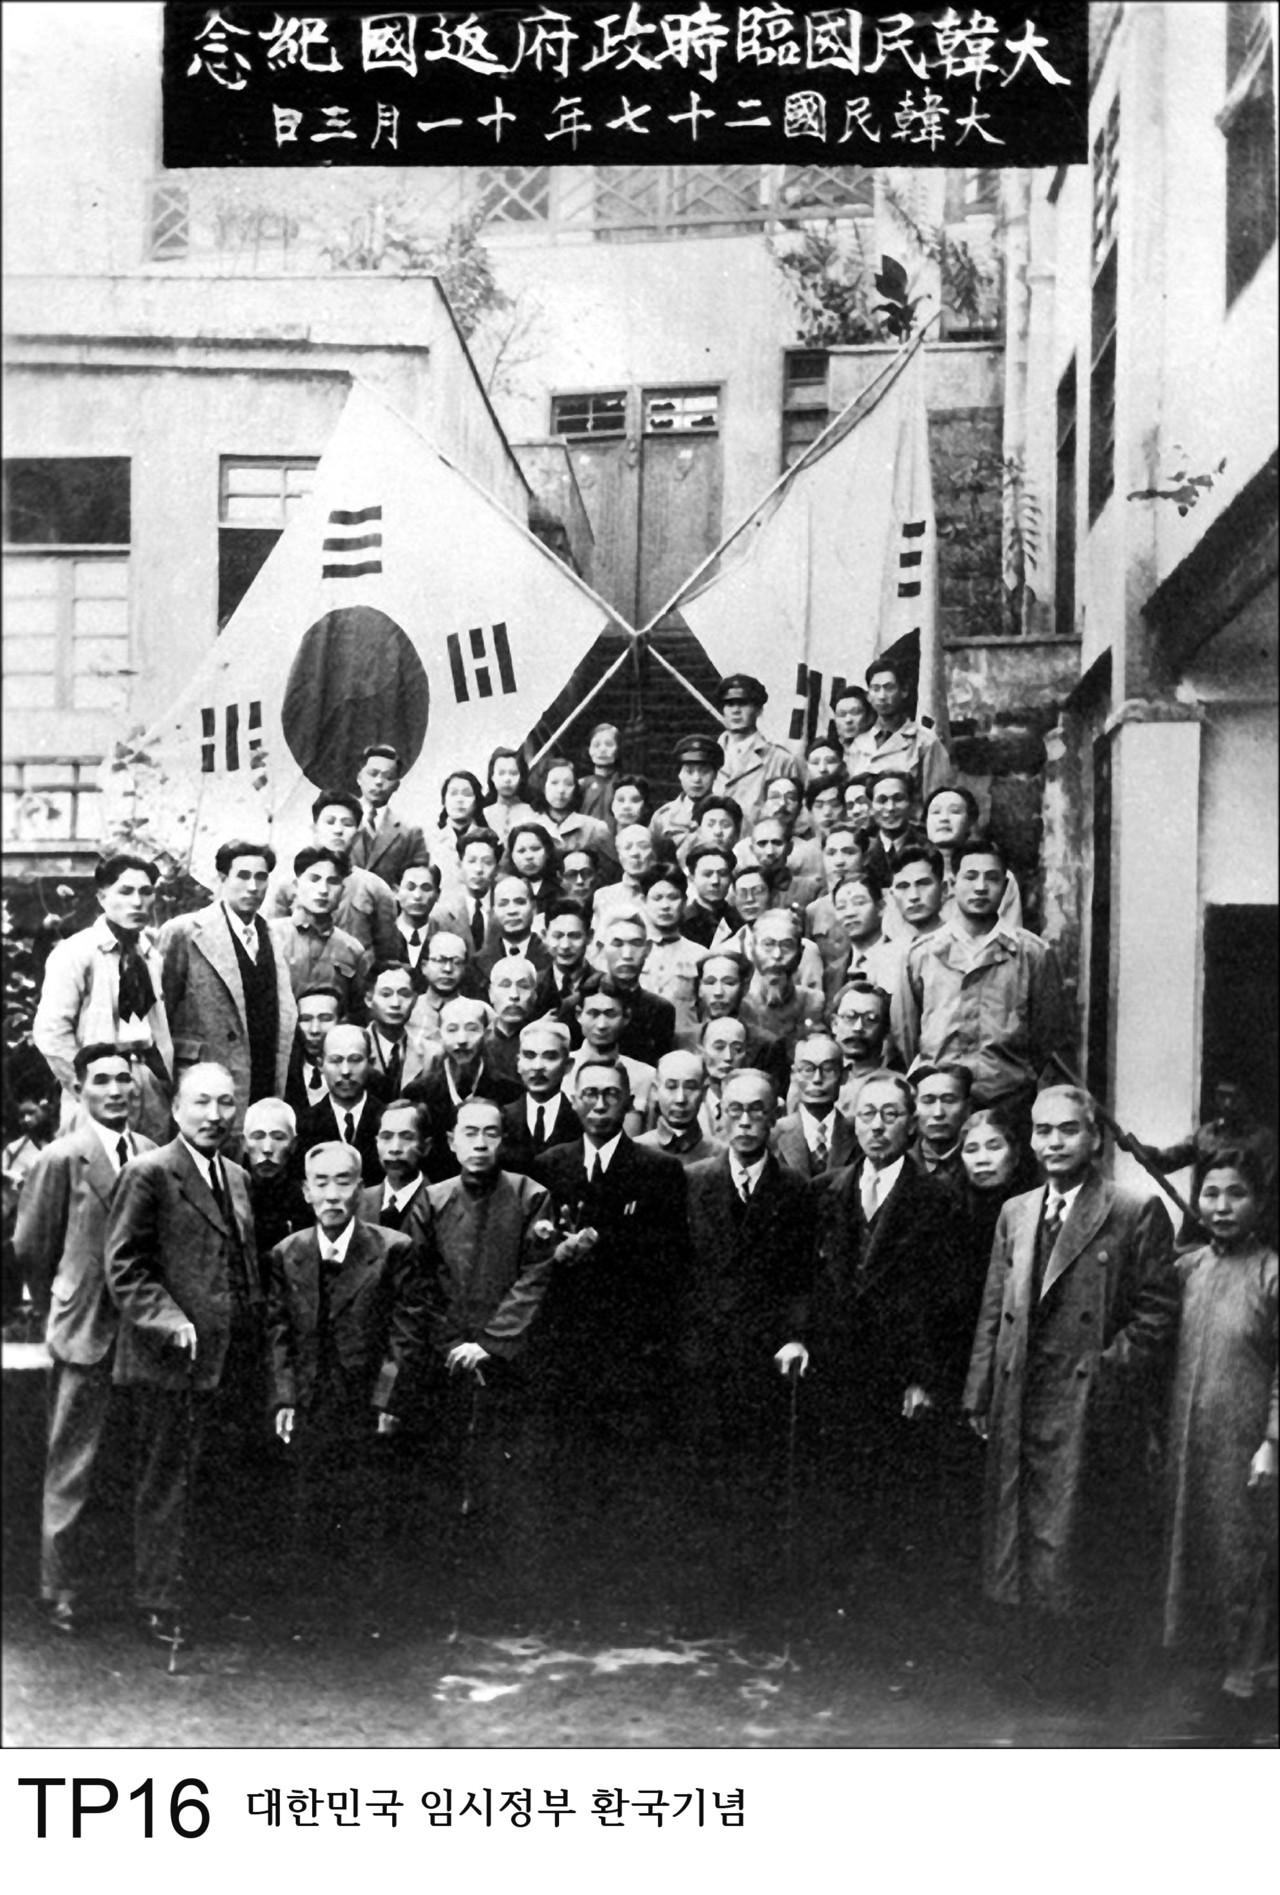 대한민국임시정부 환국기념 태극기 - 1945년 11월 3일 중국 중경에서 거행된 대한민국 임시정부 환국기념 행사장에 게양된 태극기. 4괘의 배열이 건곤리감으로 되어 있다. 대한민국임시정부는 1945년 8월 15일 중국 중경에서 광복을 맞이하고 1945년 11월 23일 서울로 환국했다.